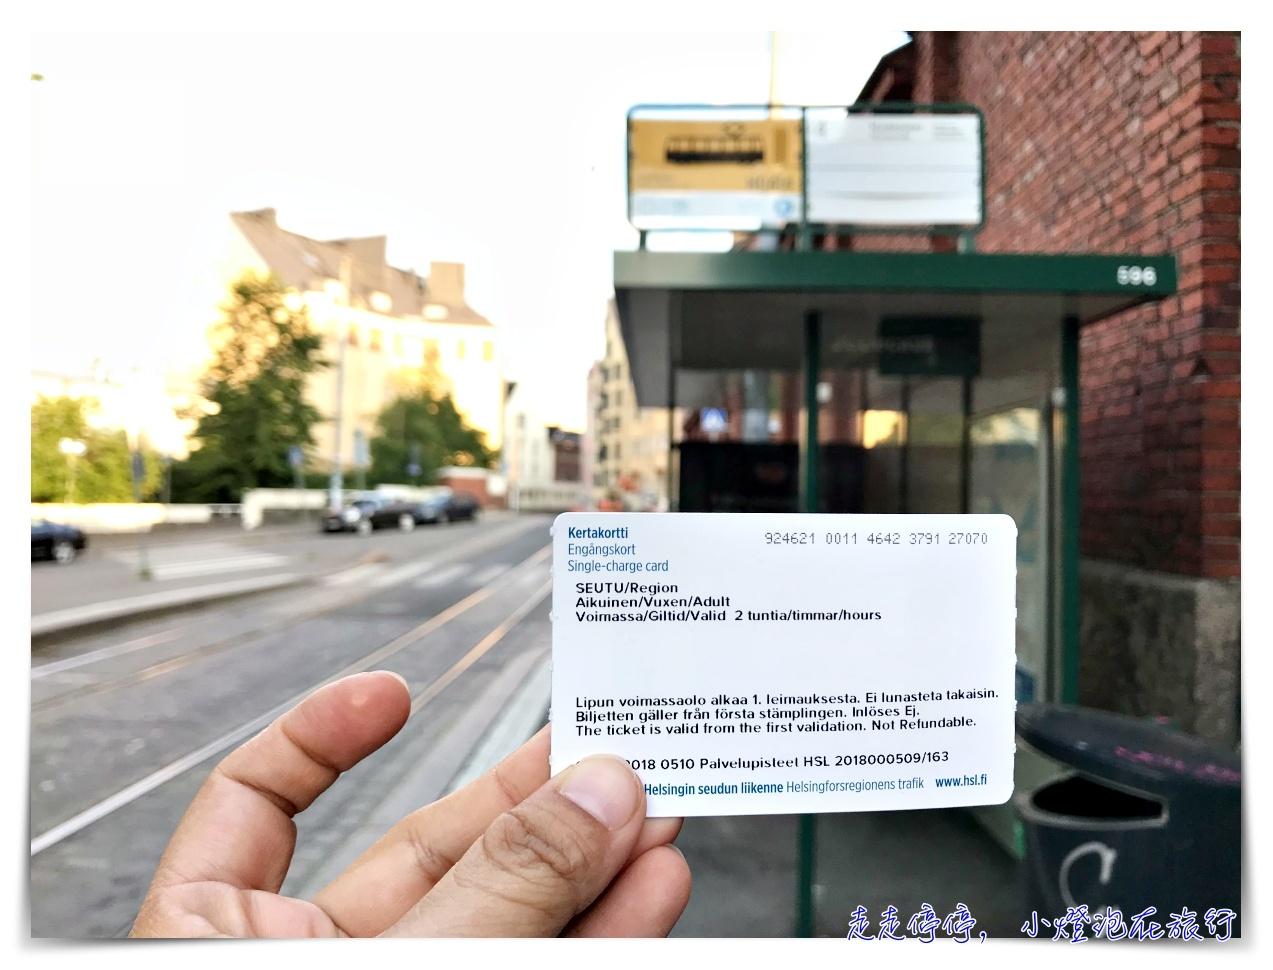 芬蘭平價住宿推薦|赫爾辛基歐洲青年旅館 Eurohostel – Helsinki,簡單、方便、划算~距離維京viking郵輪碼頭最近住宿~